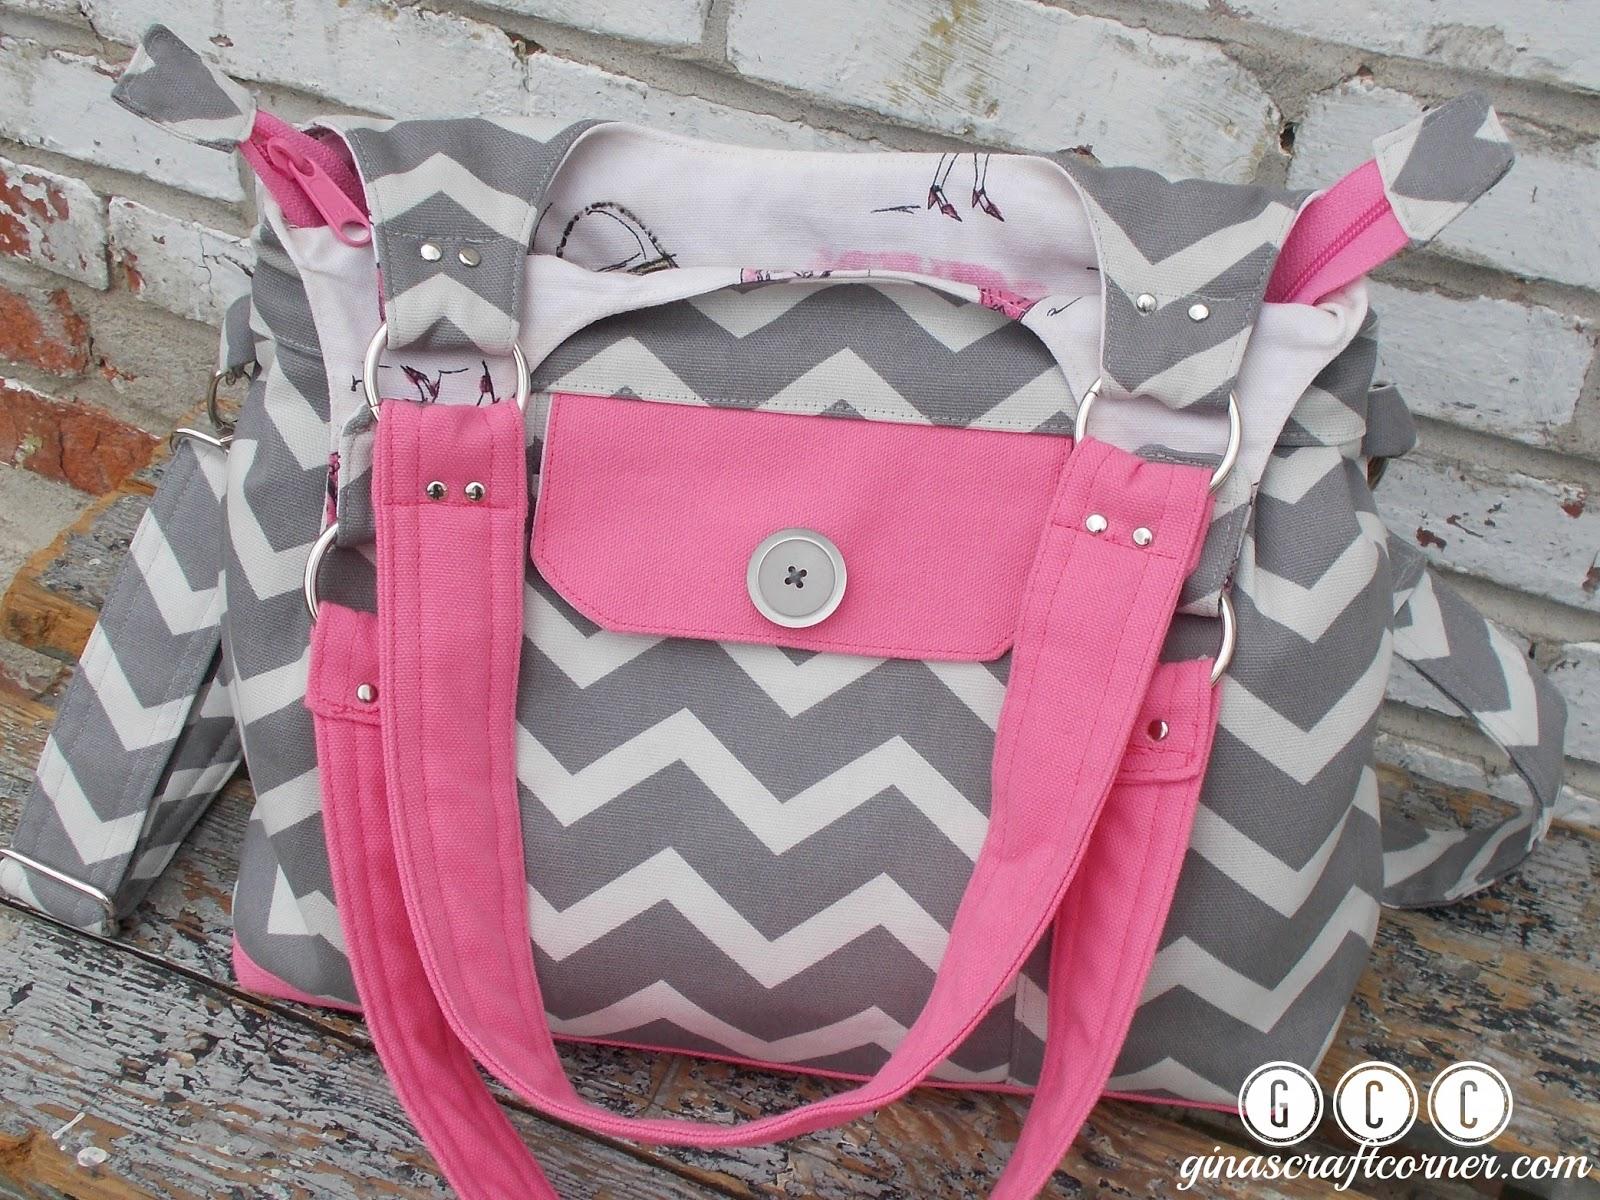 Gcc Concealed Carry Summer Handbag Line Ginascraftcorner